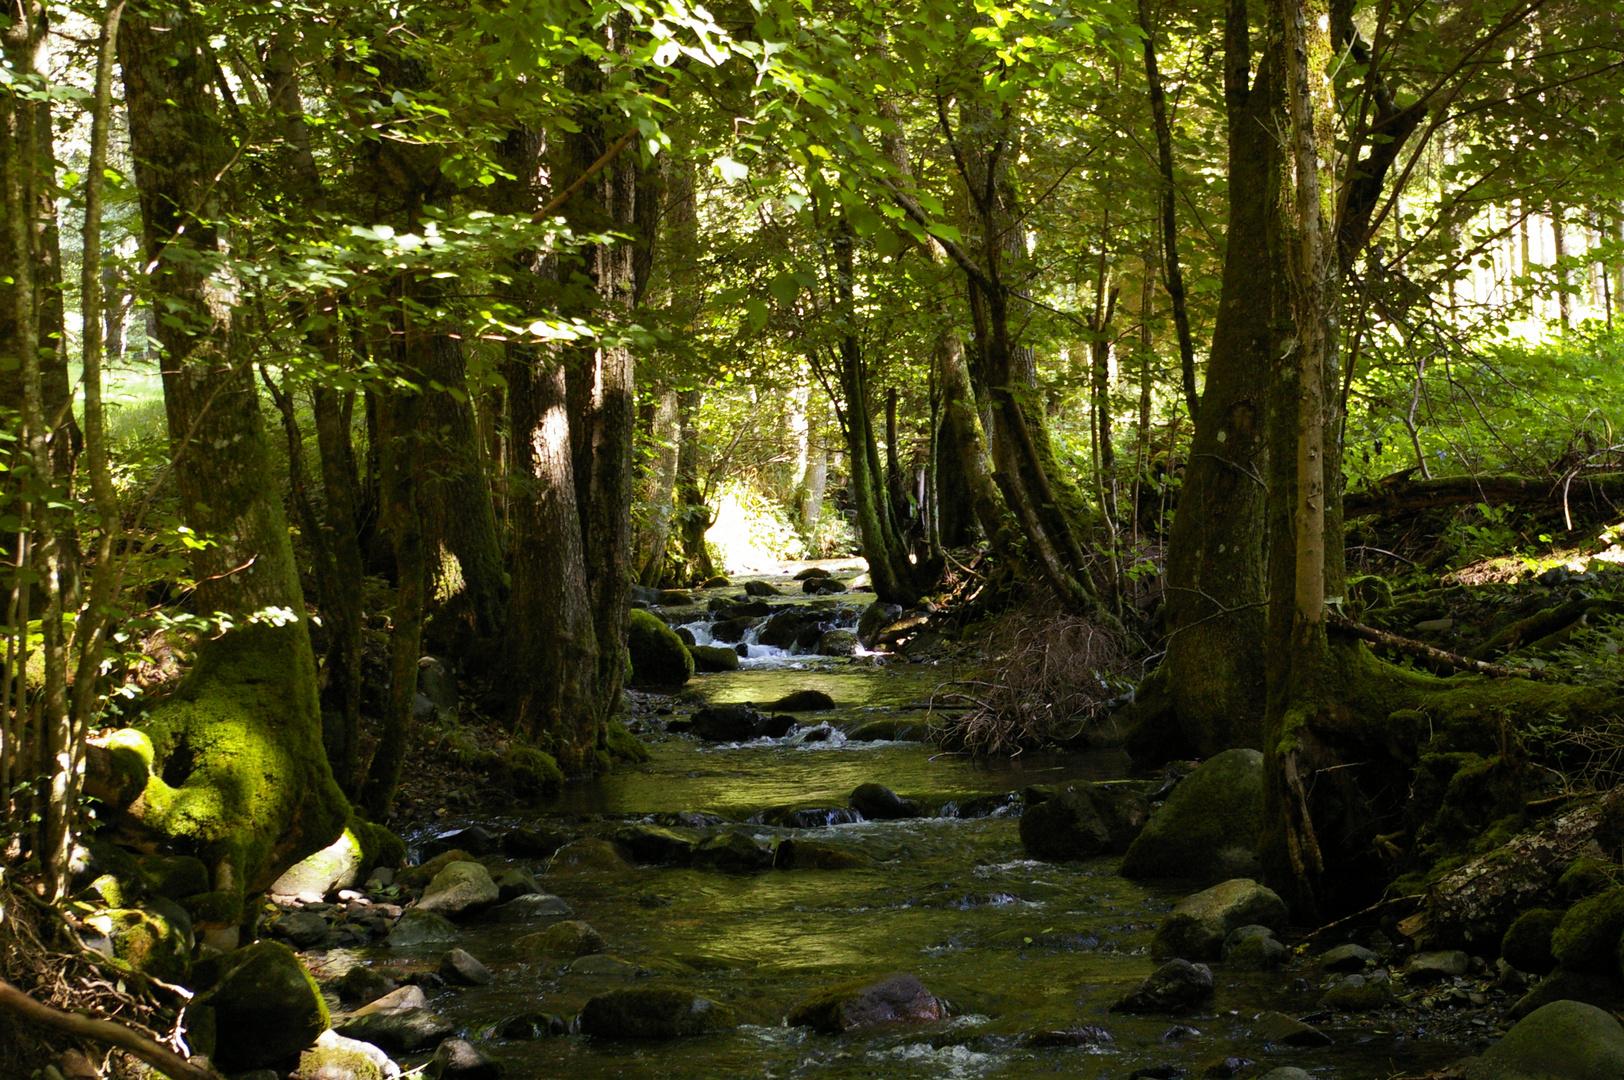 La rivière sous les bois